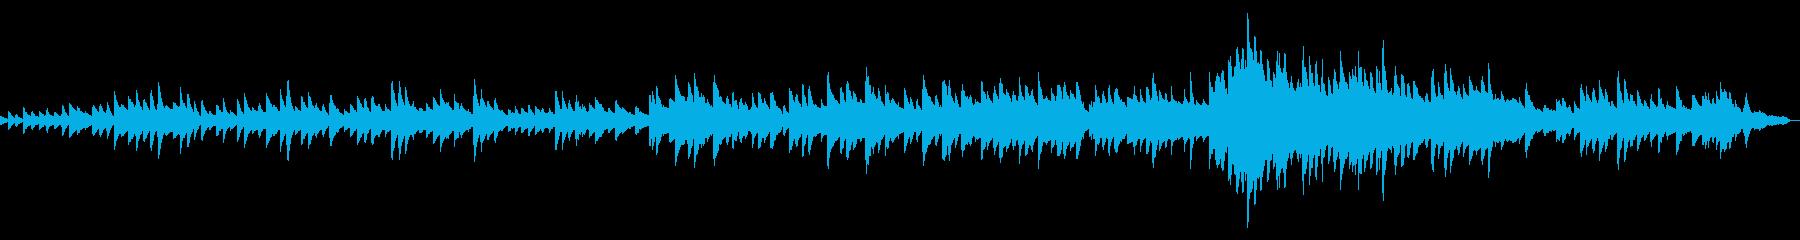 優しくせつないイメージのピアノソロの再生済みの波形